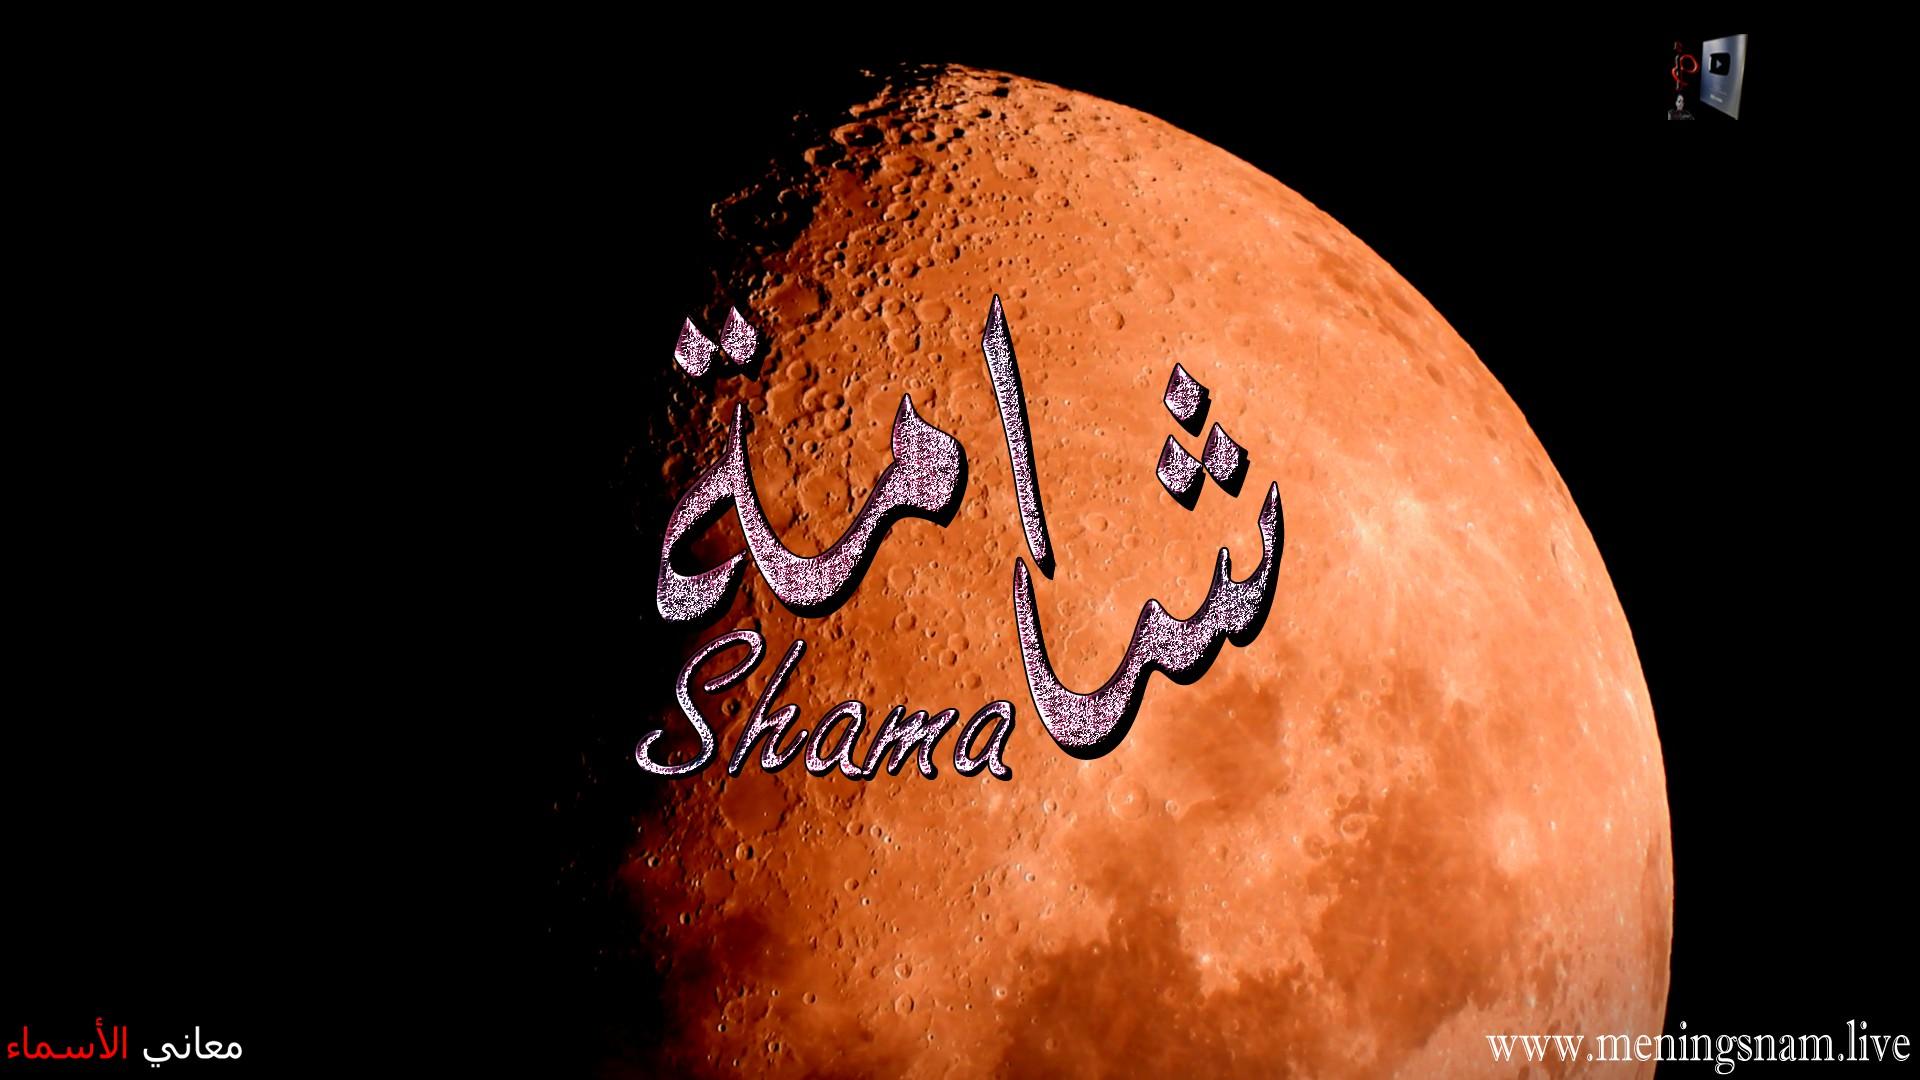 معنى اسم شامة وصفات حاملة هذا الاسم Shama